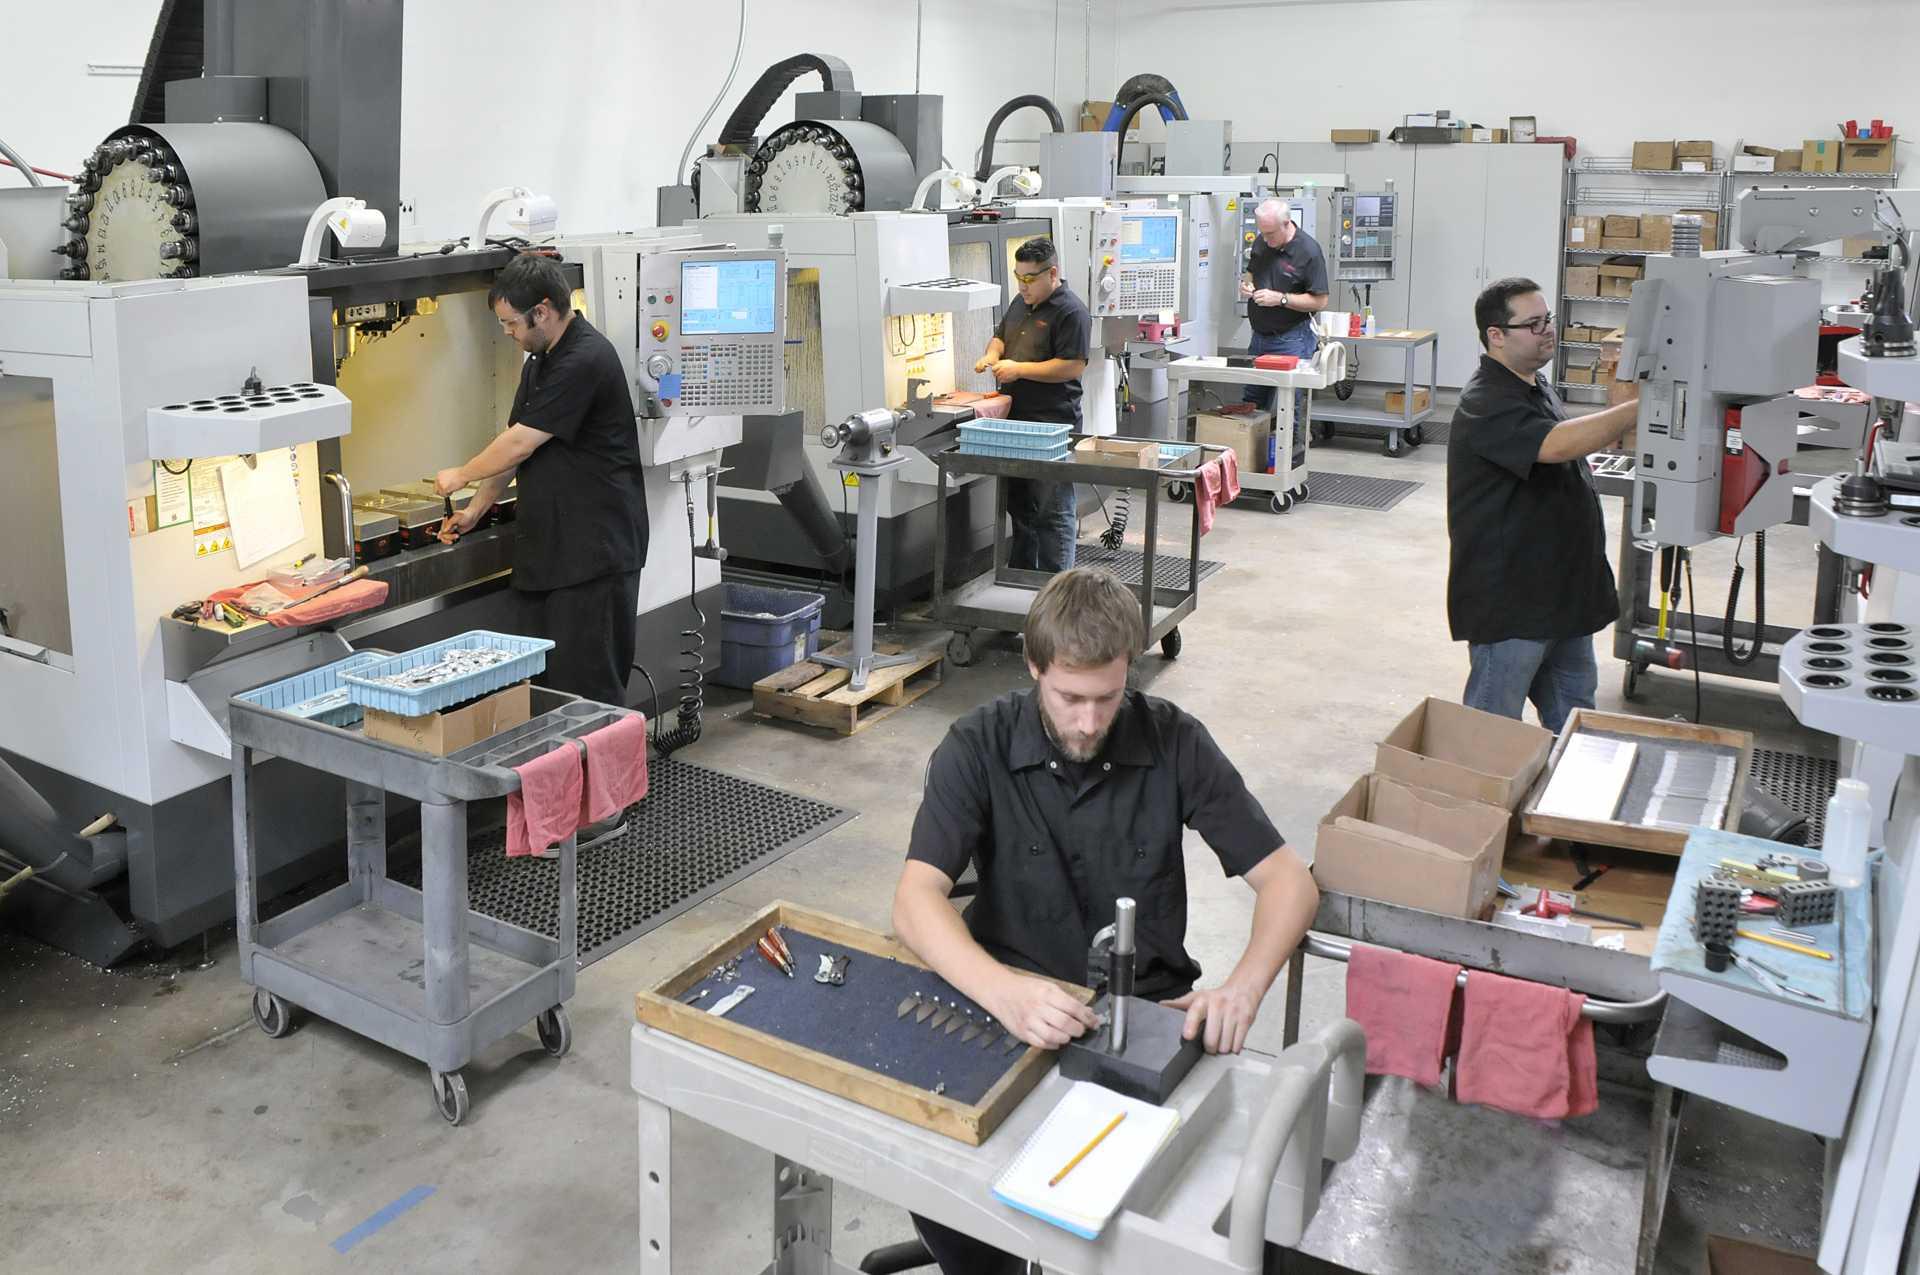 Cửa hàng máy chính xác CNC công nghệ cao hiện đại với nhiều nhân viên vận hành tại các loại máy khác nhau_Autodesk